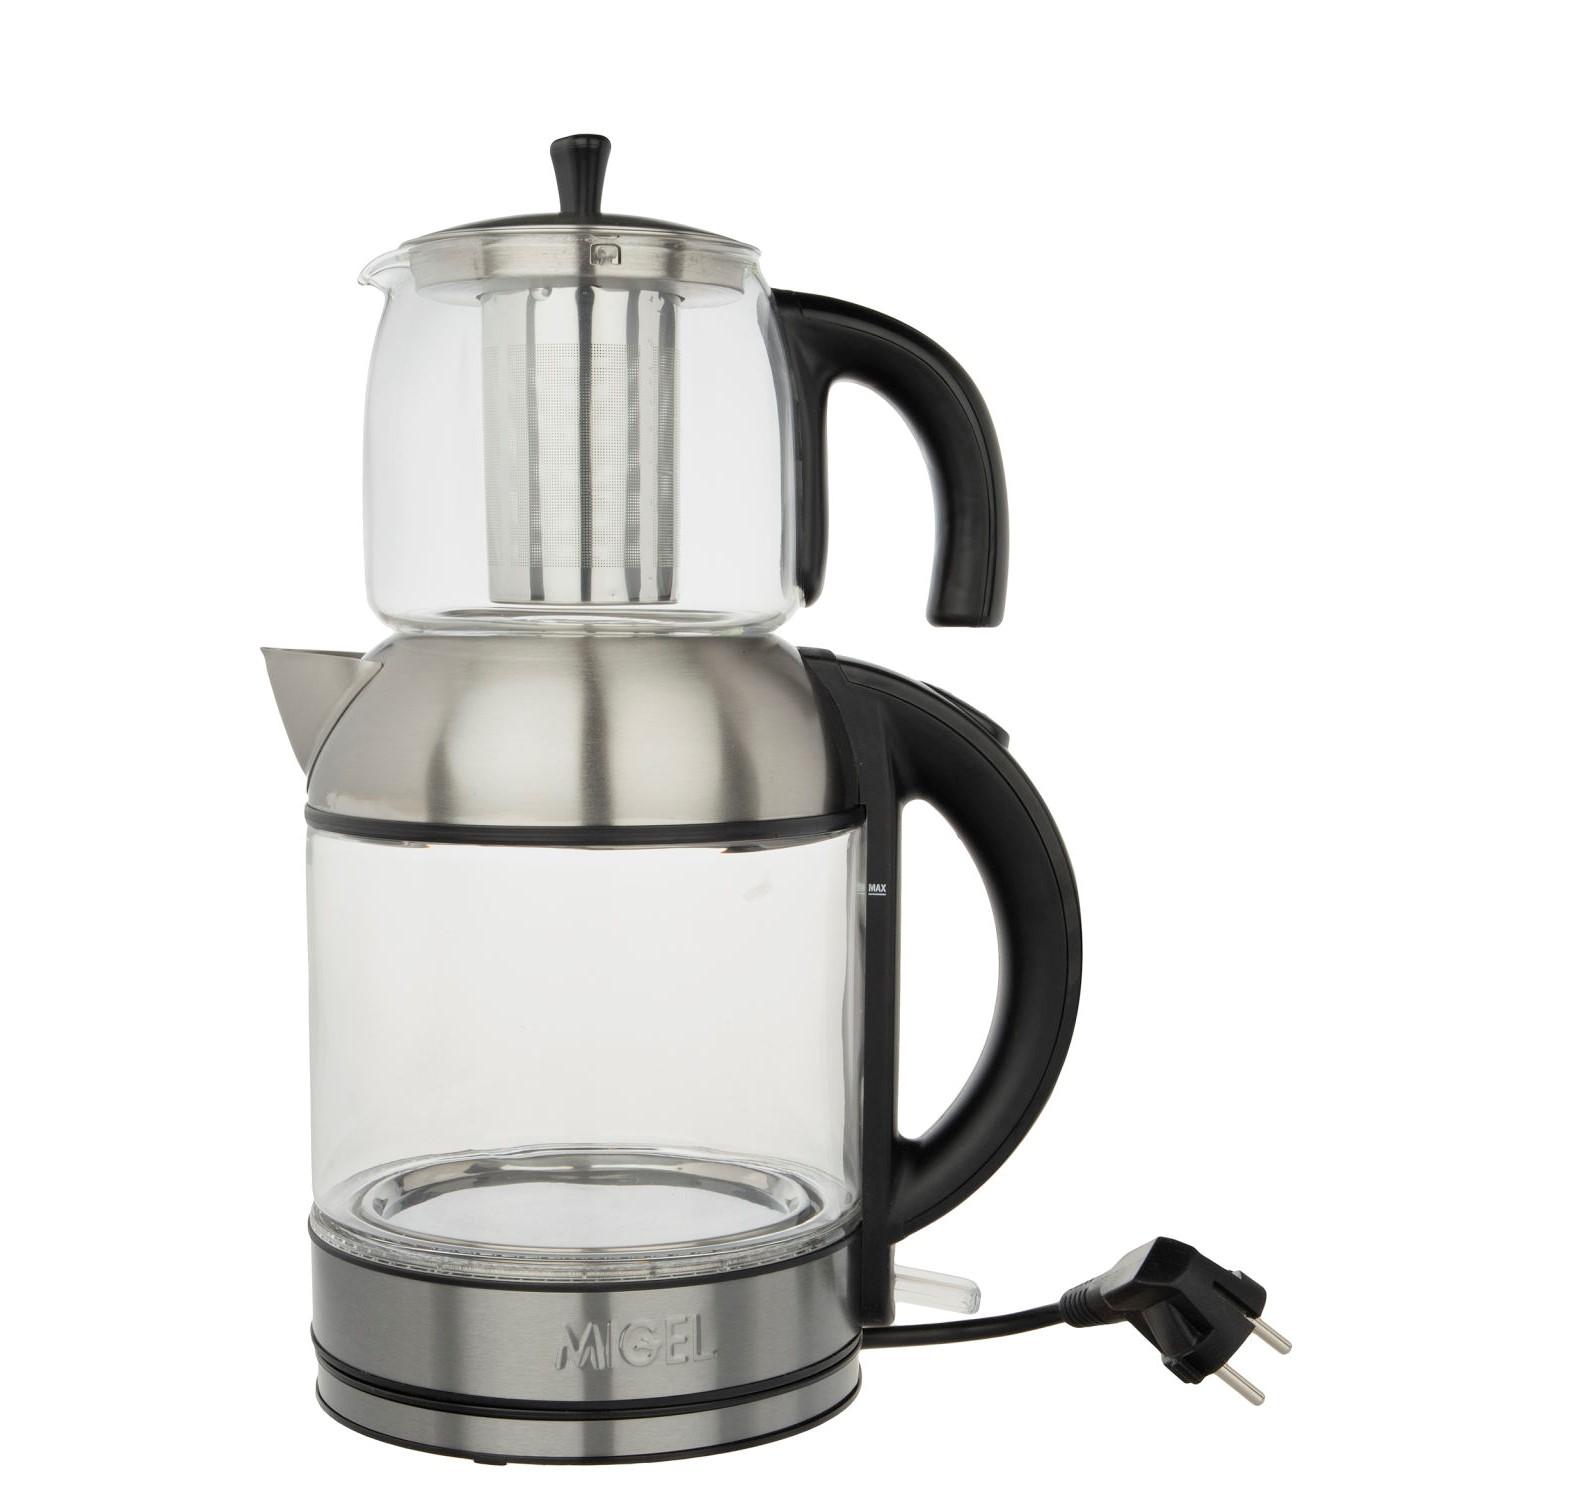 چای ساز میگل مدل GTS 286